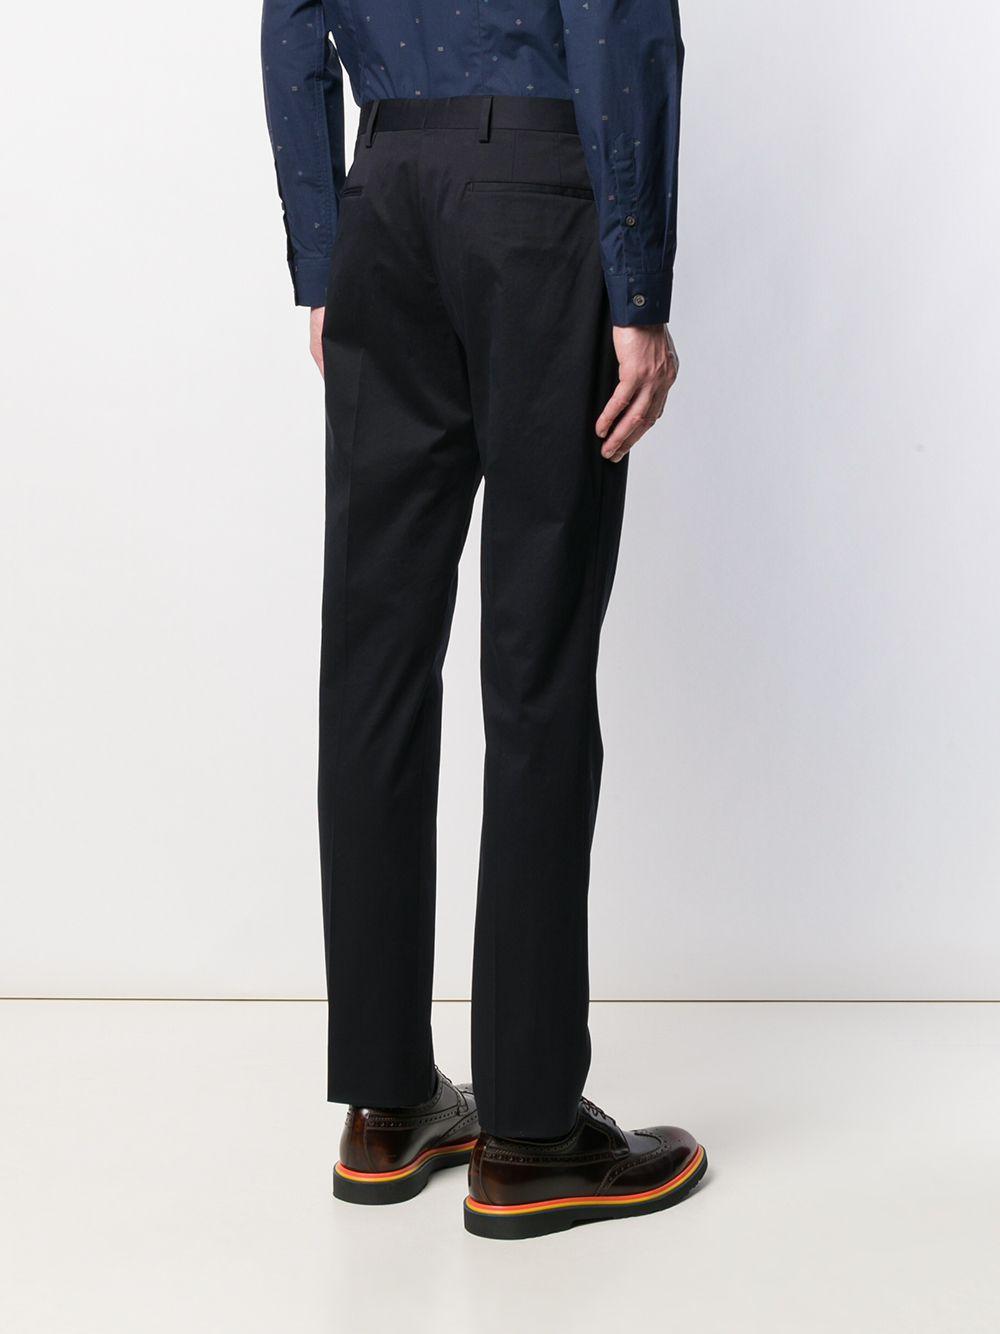 Paul Smith Katoen Chino Pantalon in het Blauw voor heren